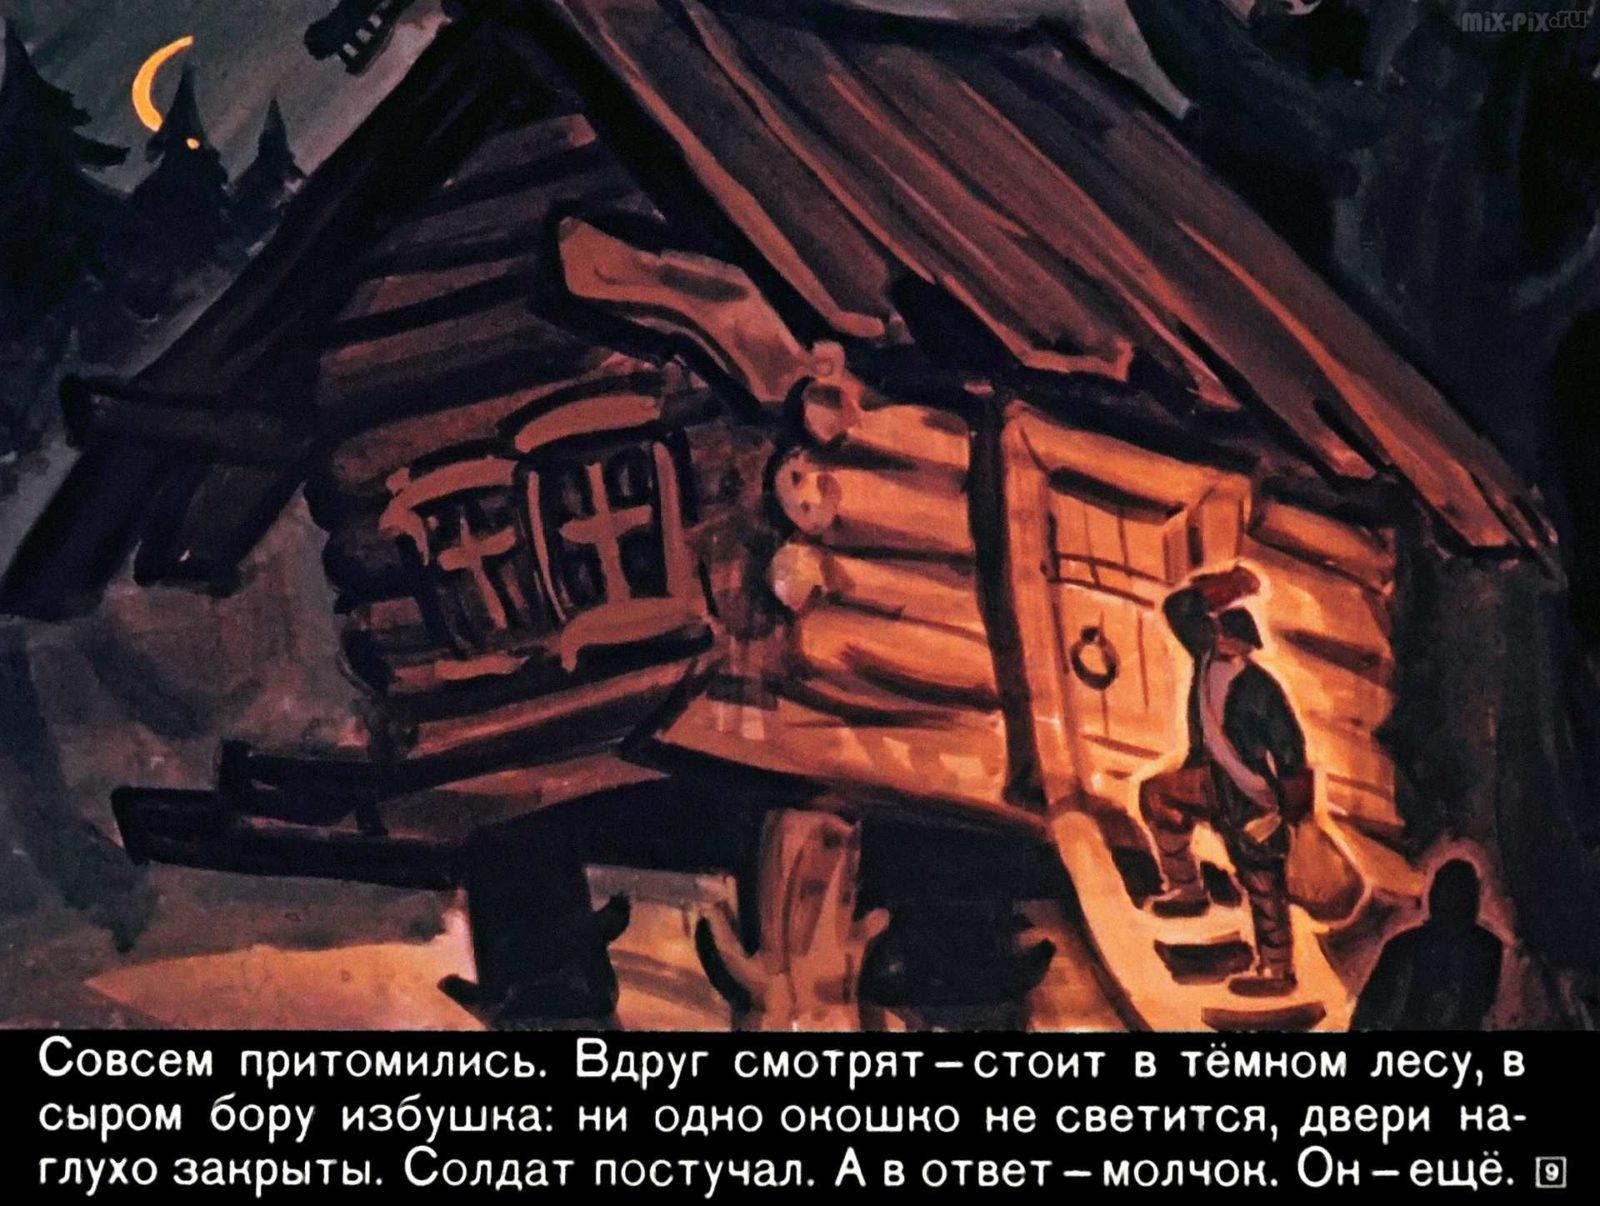 Сказка о бывалом солдате, царе и двенадцати разбойниках (1969)